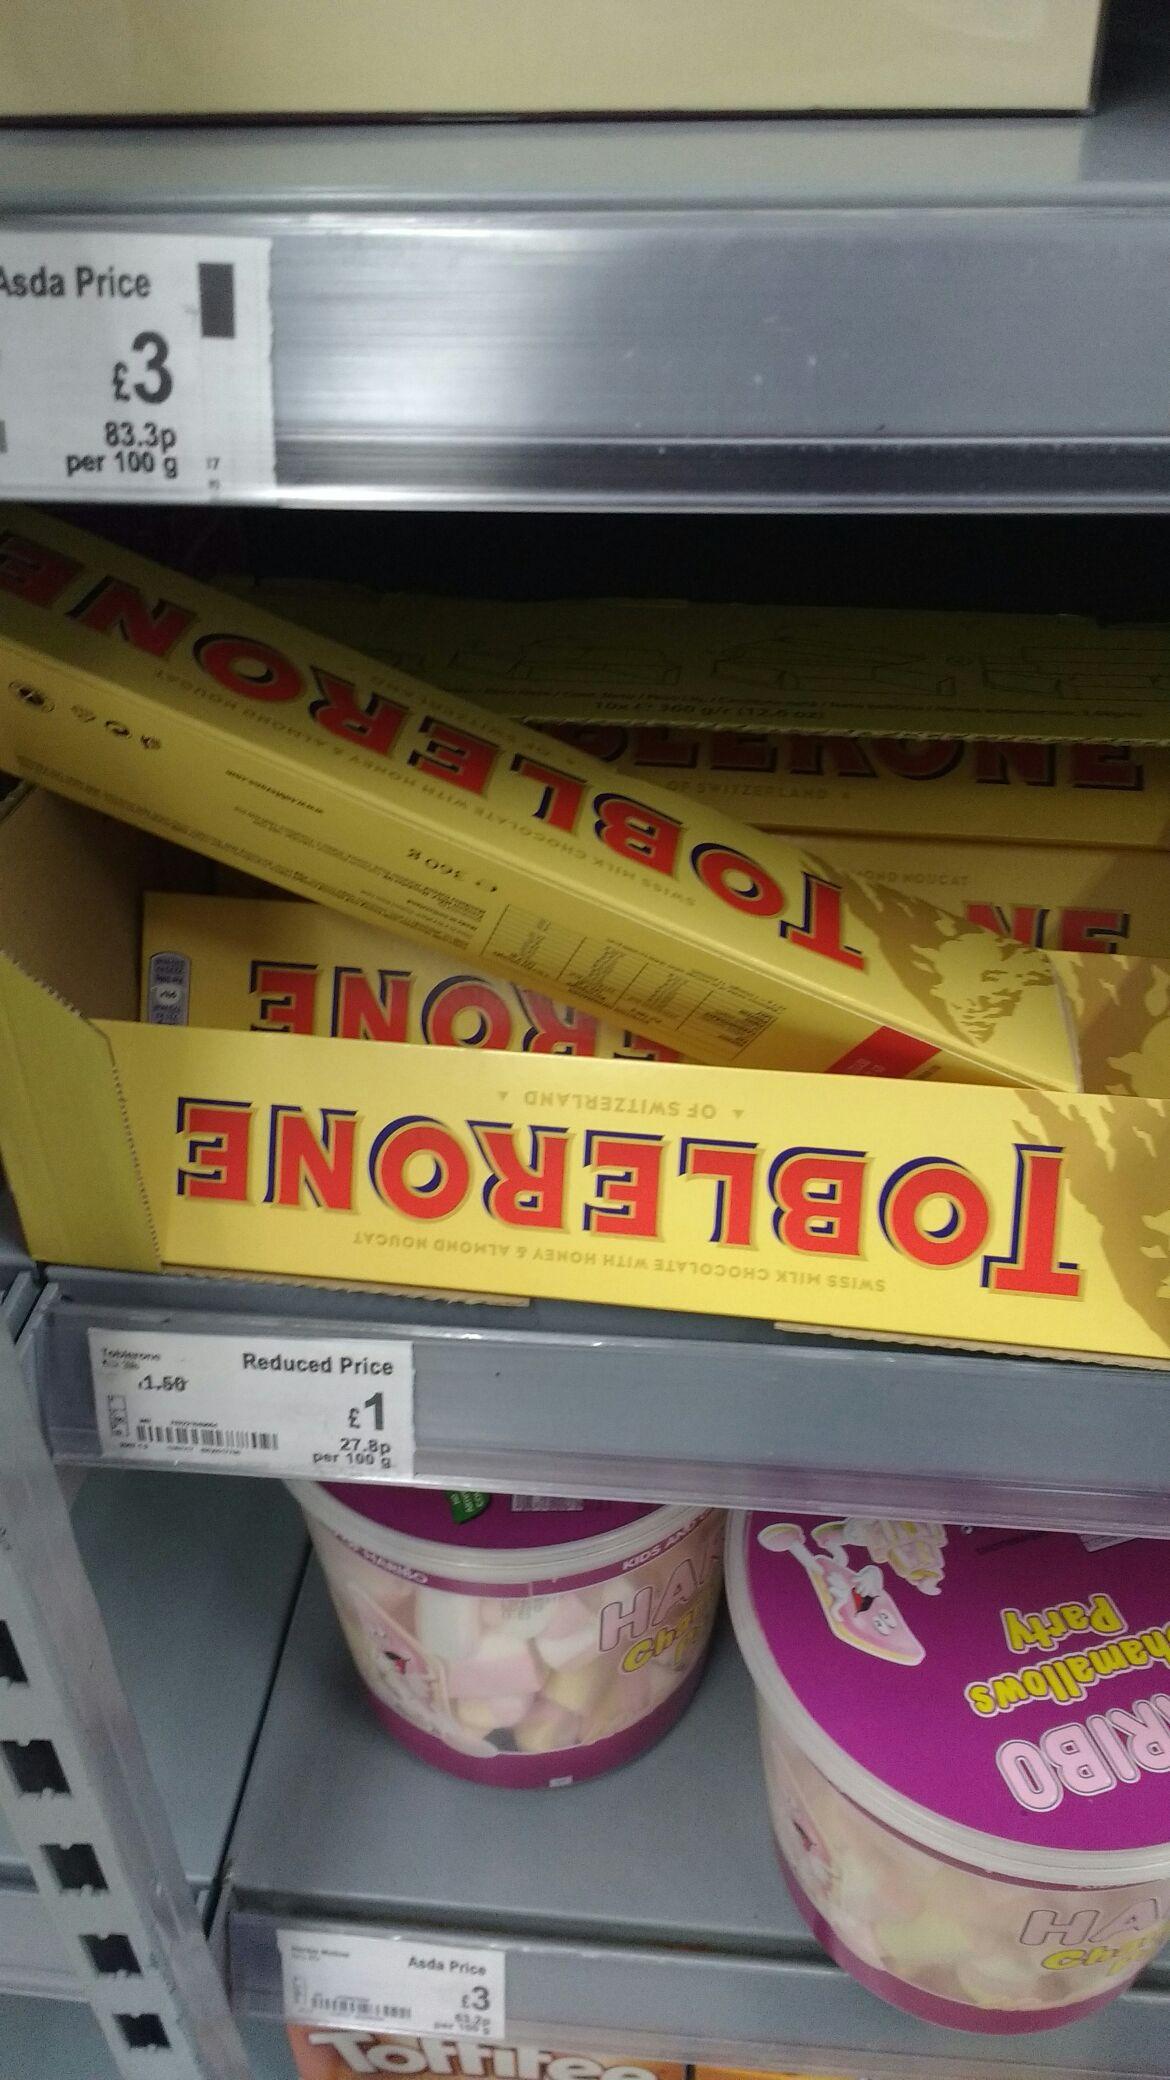 Toblerone 360g for £1 asda in store